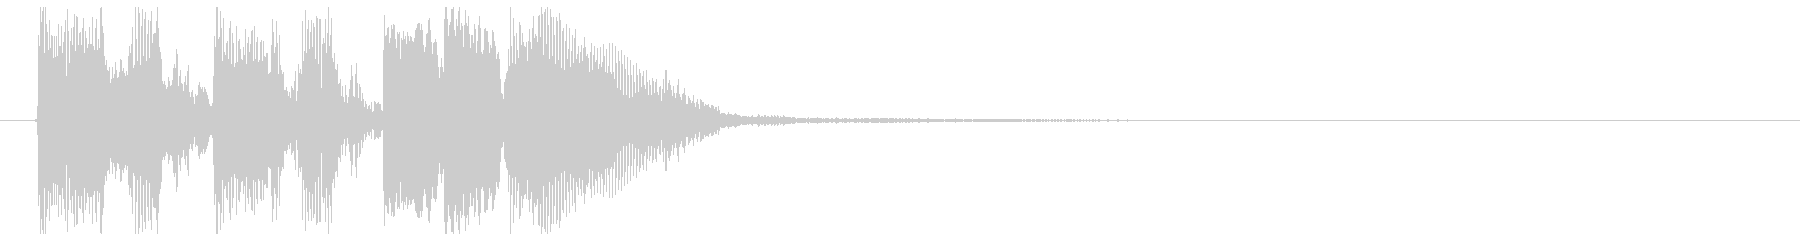 クリーンギターによるリズムカッティングの未再生の波形